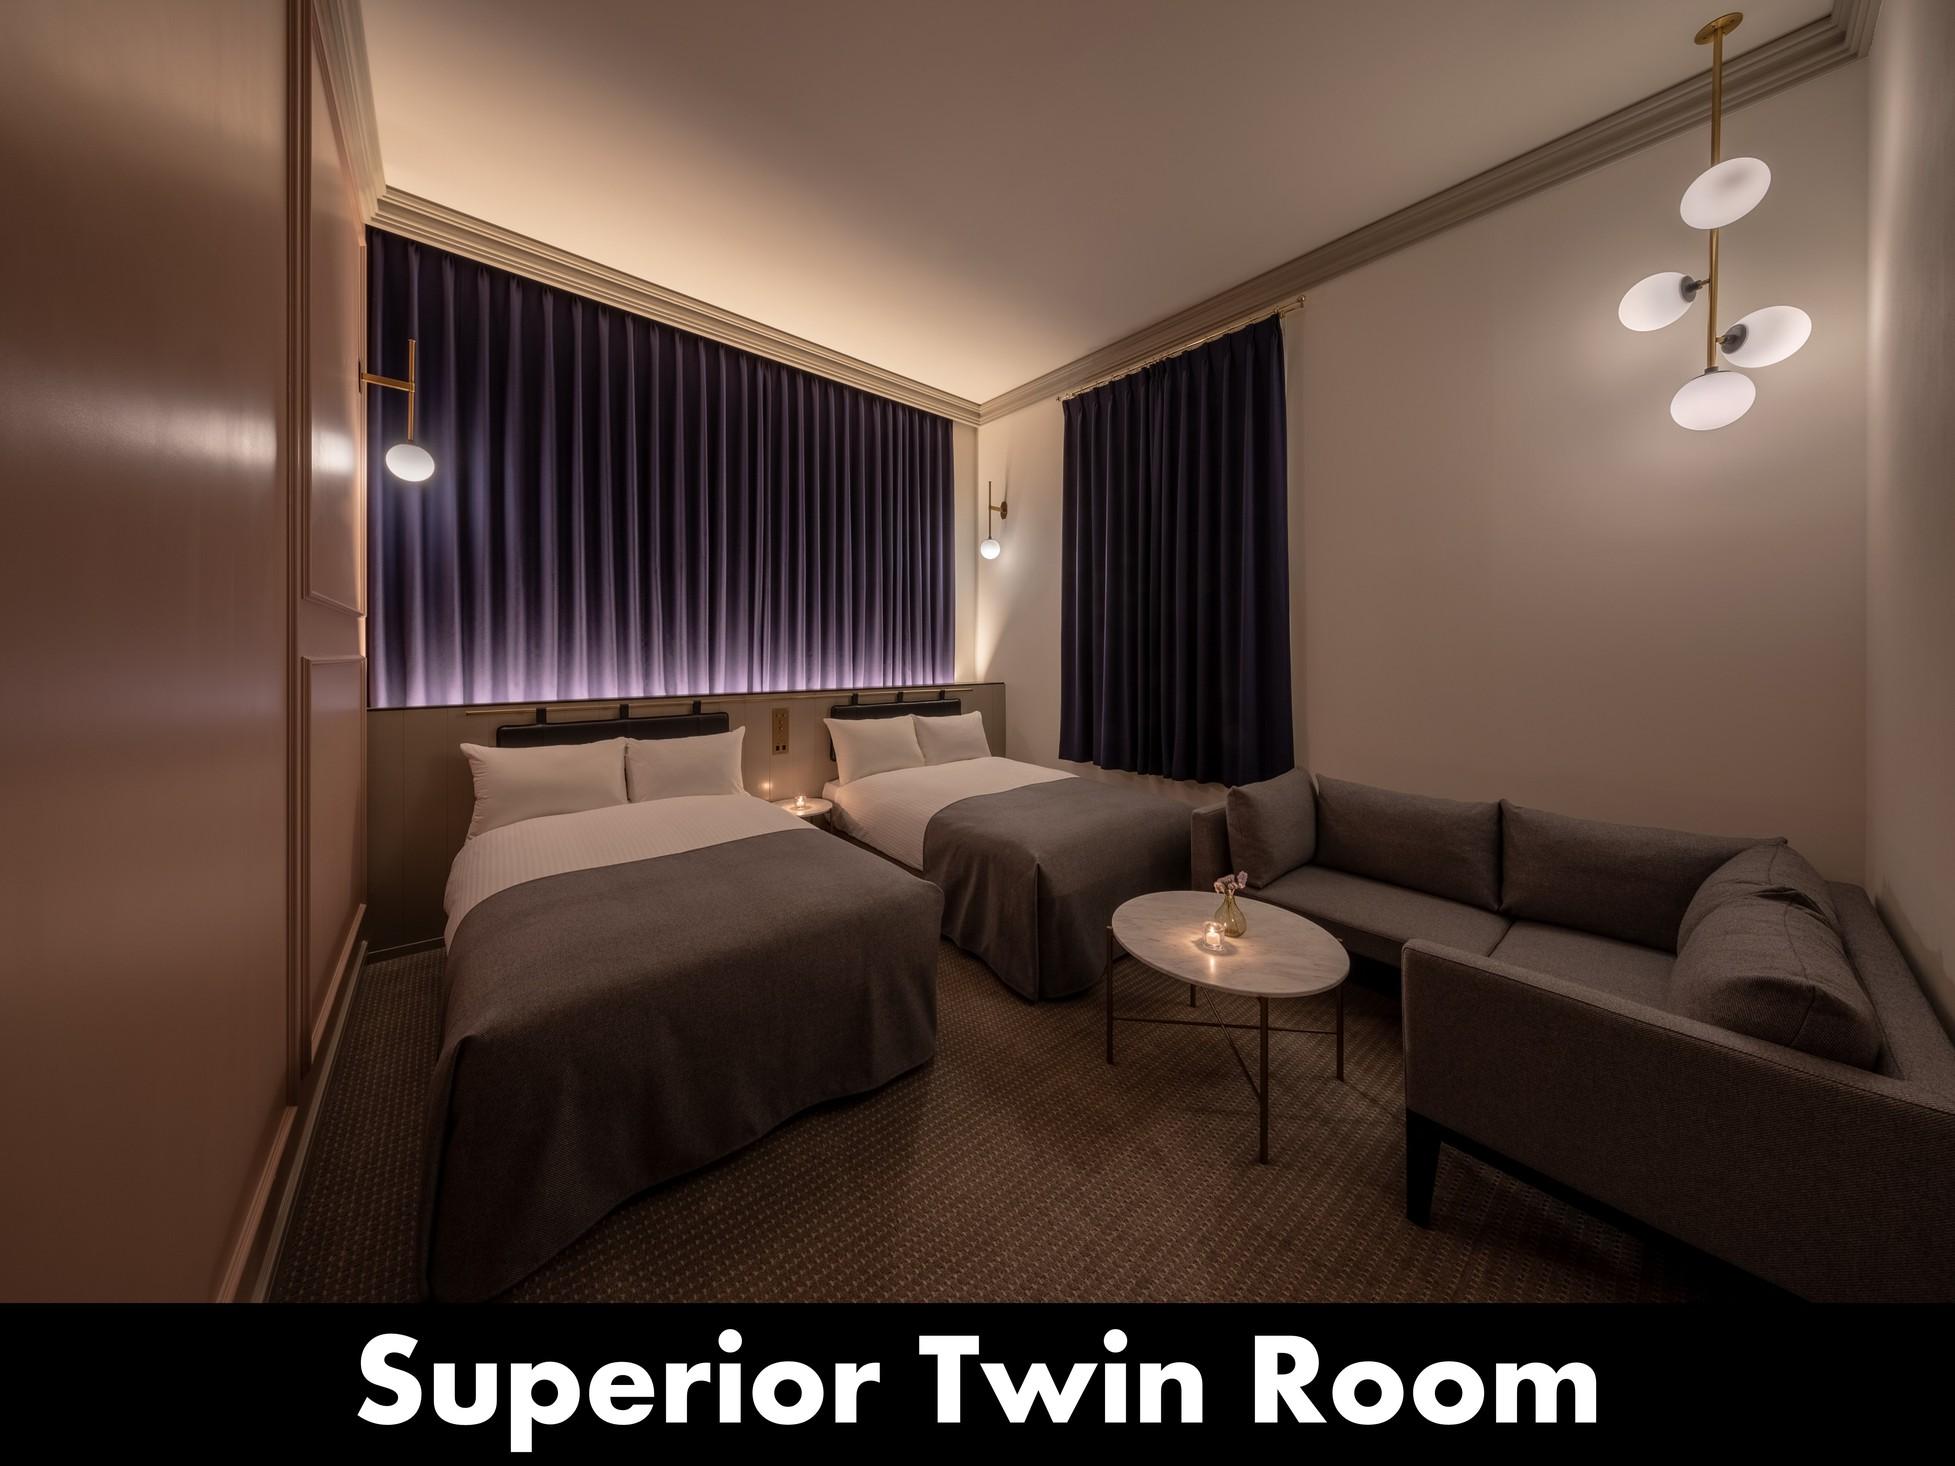 【SUPERIOR TWIN】